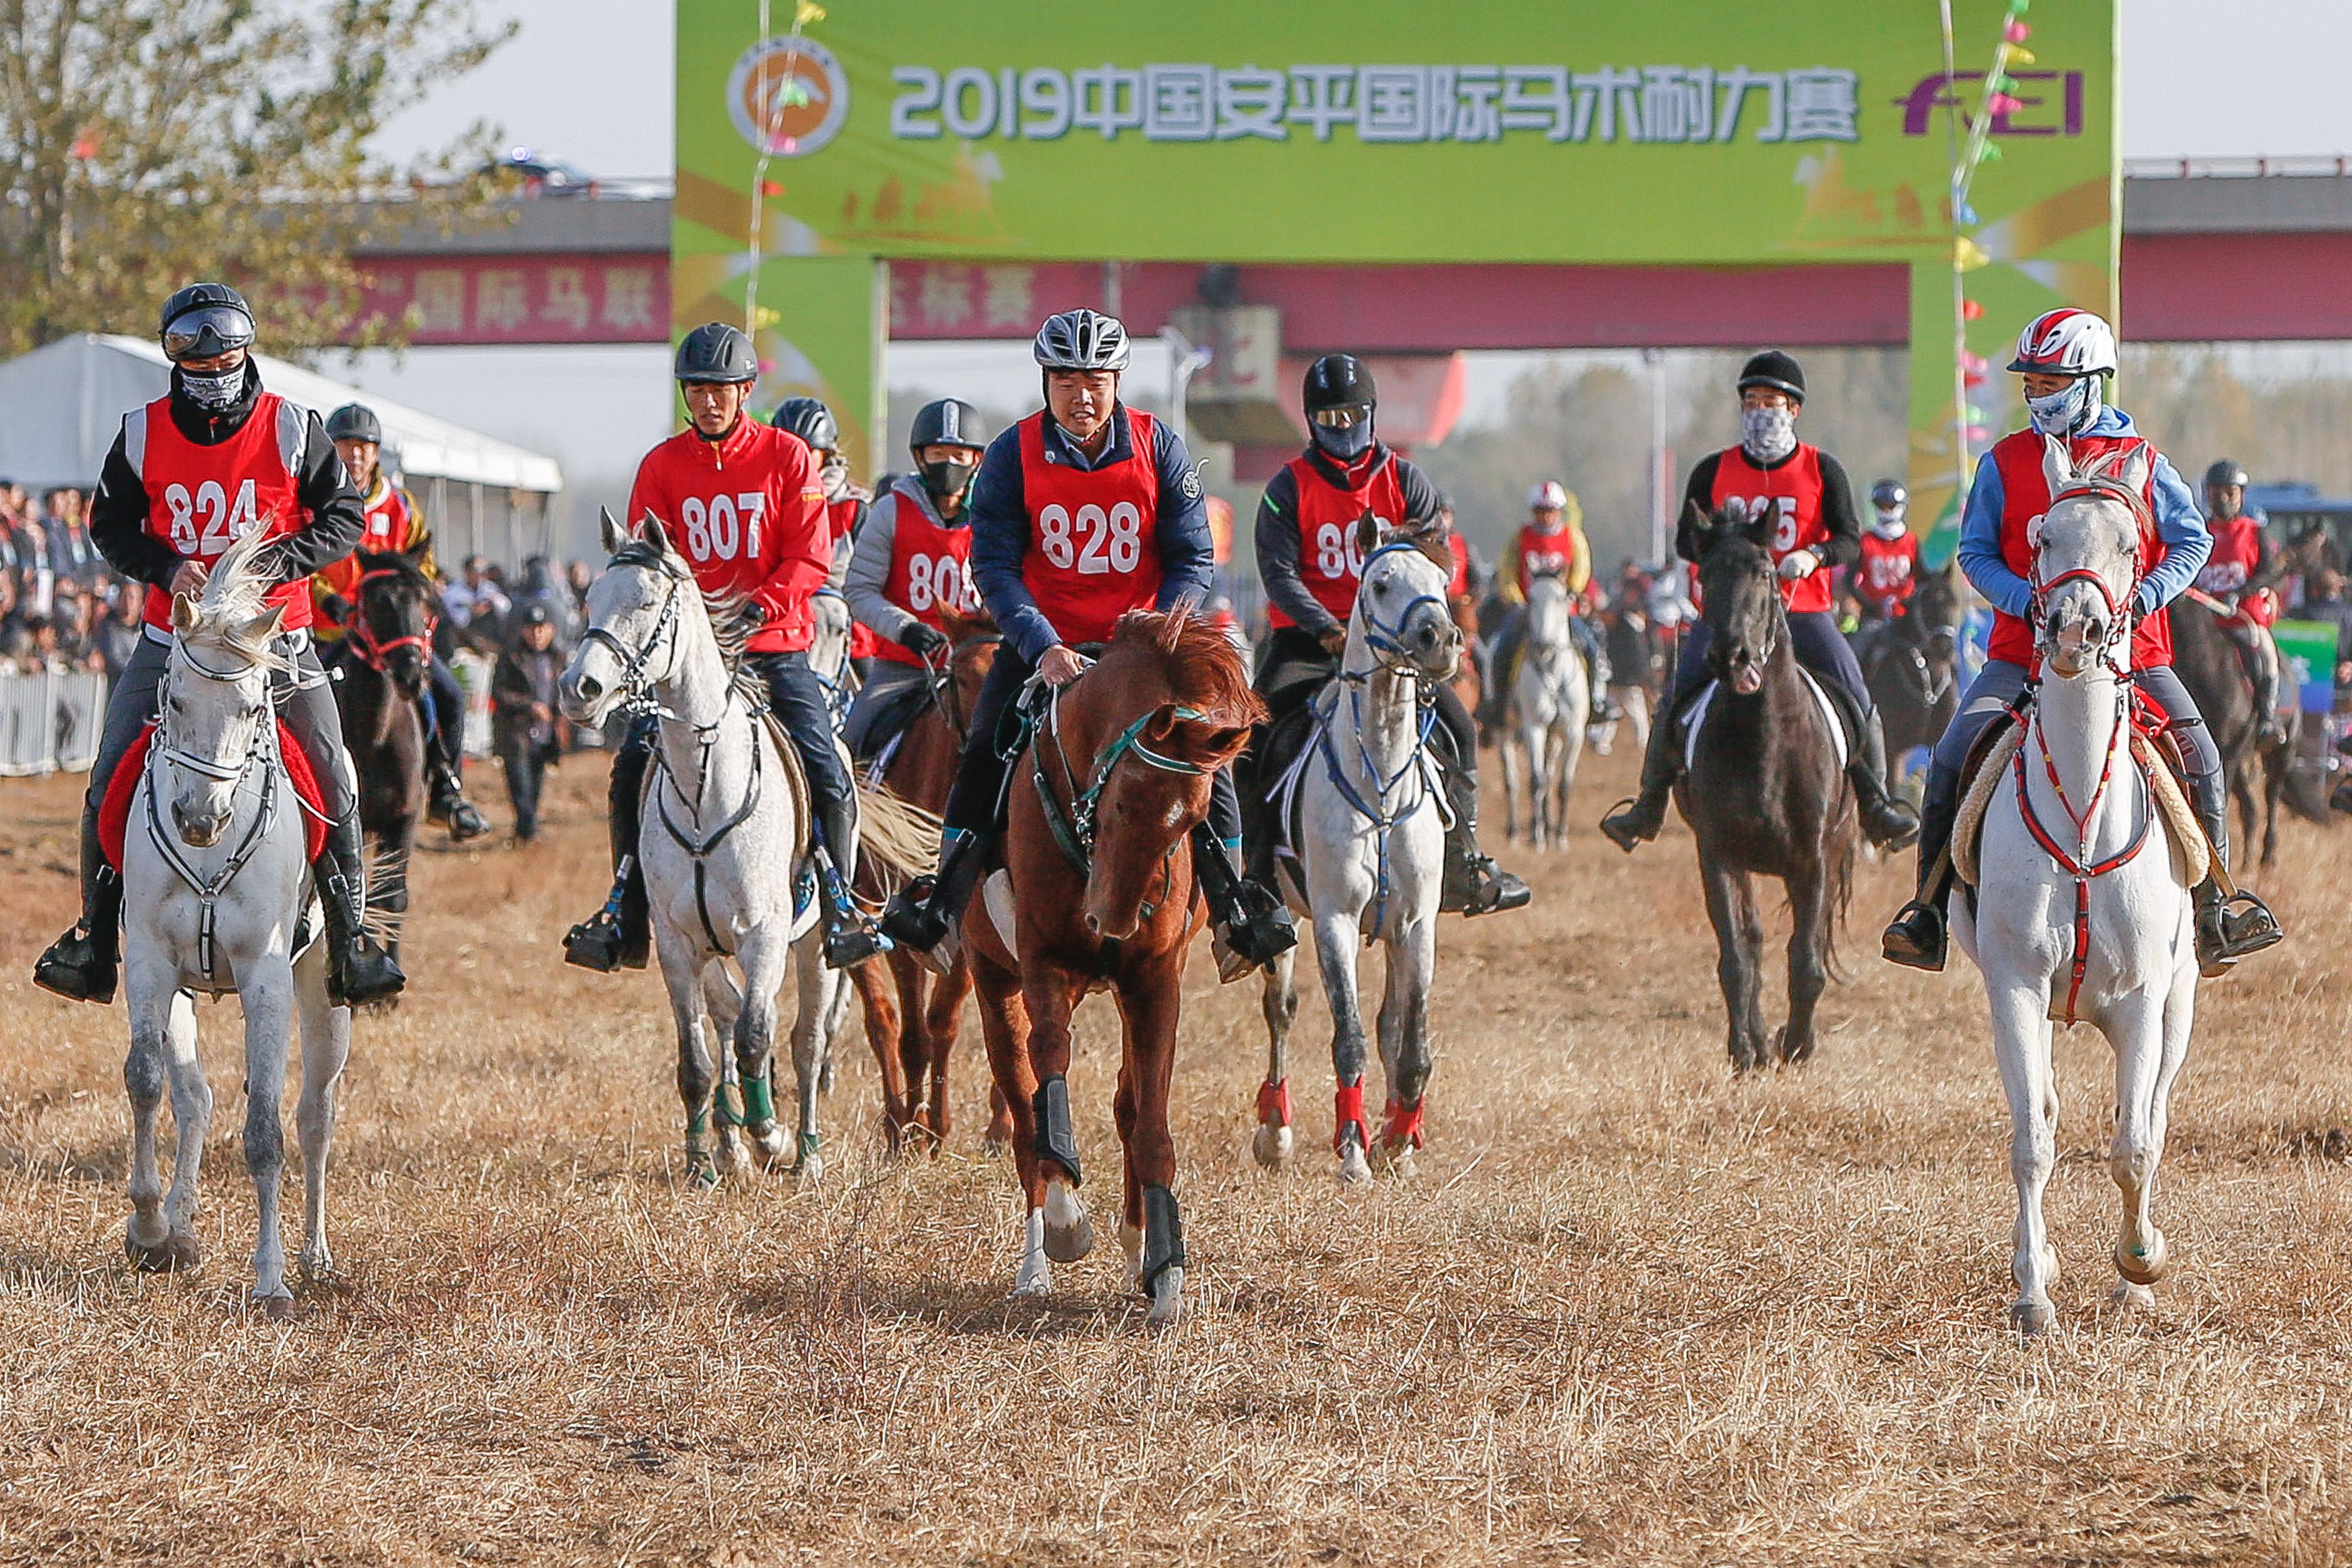 2019中国安平国际马术耐力赛举行促文体旅游业健康发展